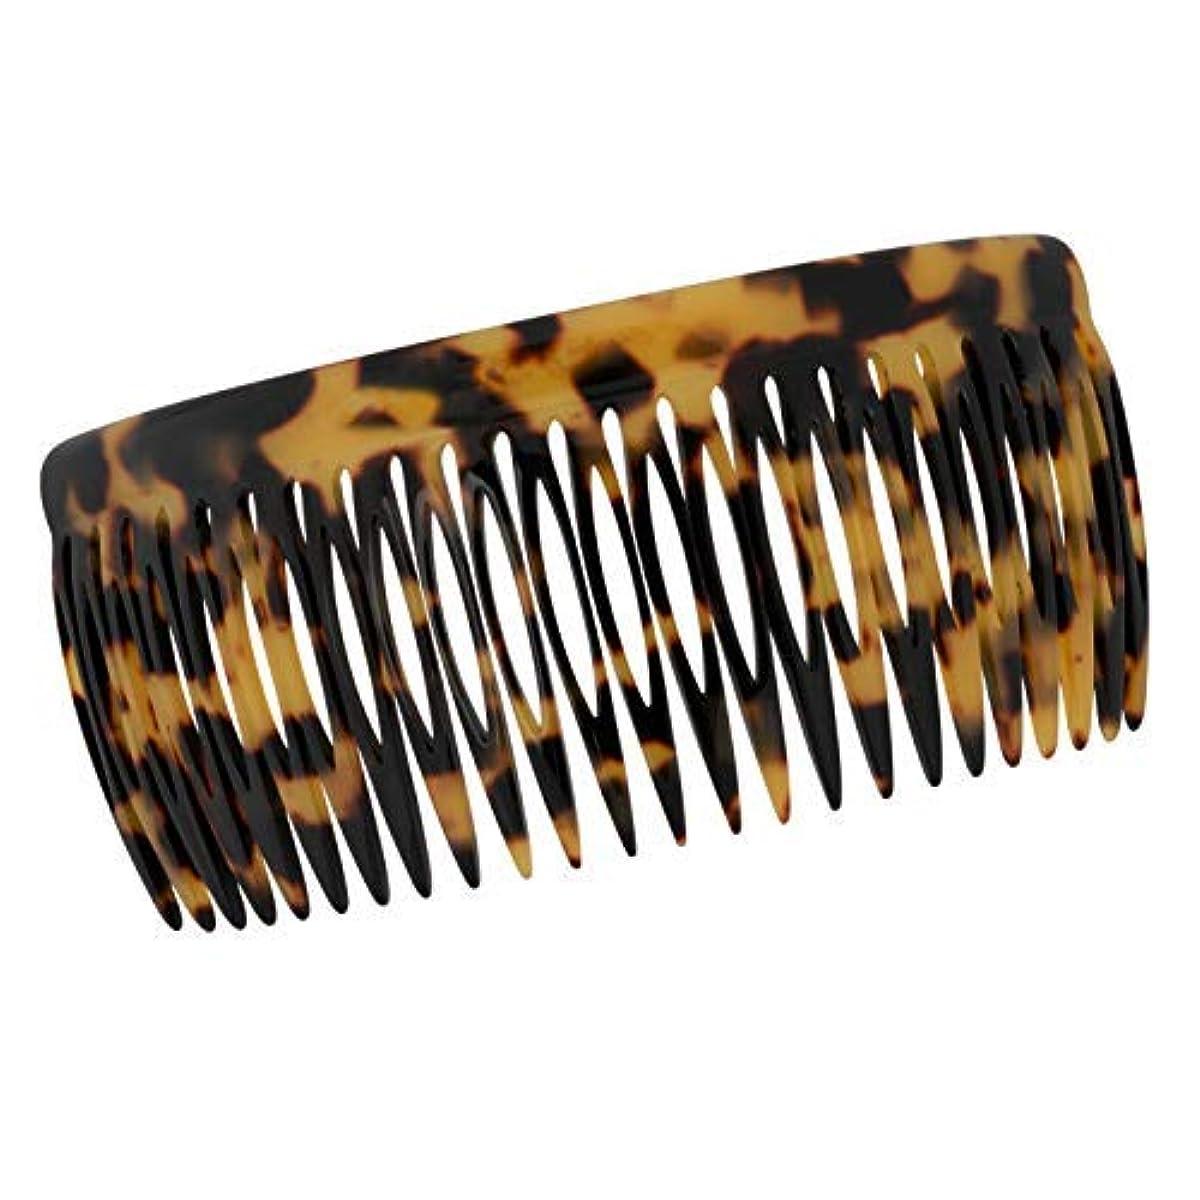 提供するポインタベットCharles J. Wahba Long Classic Long Side Comb - 24 Teeth - Handmade in France (Tokyo Tortoise Color) [並行輸入品]